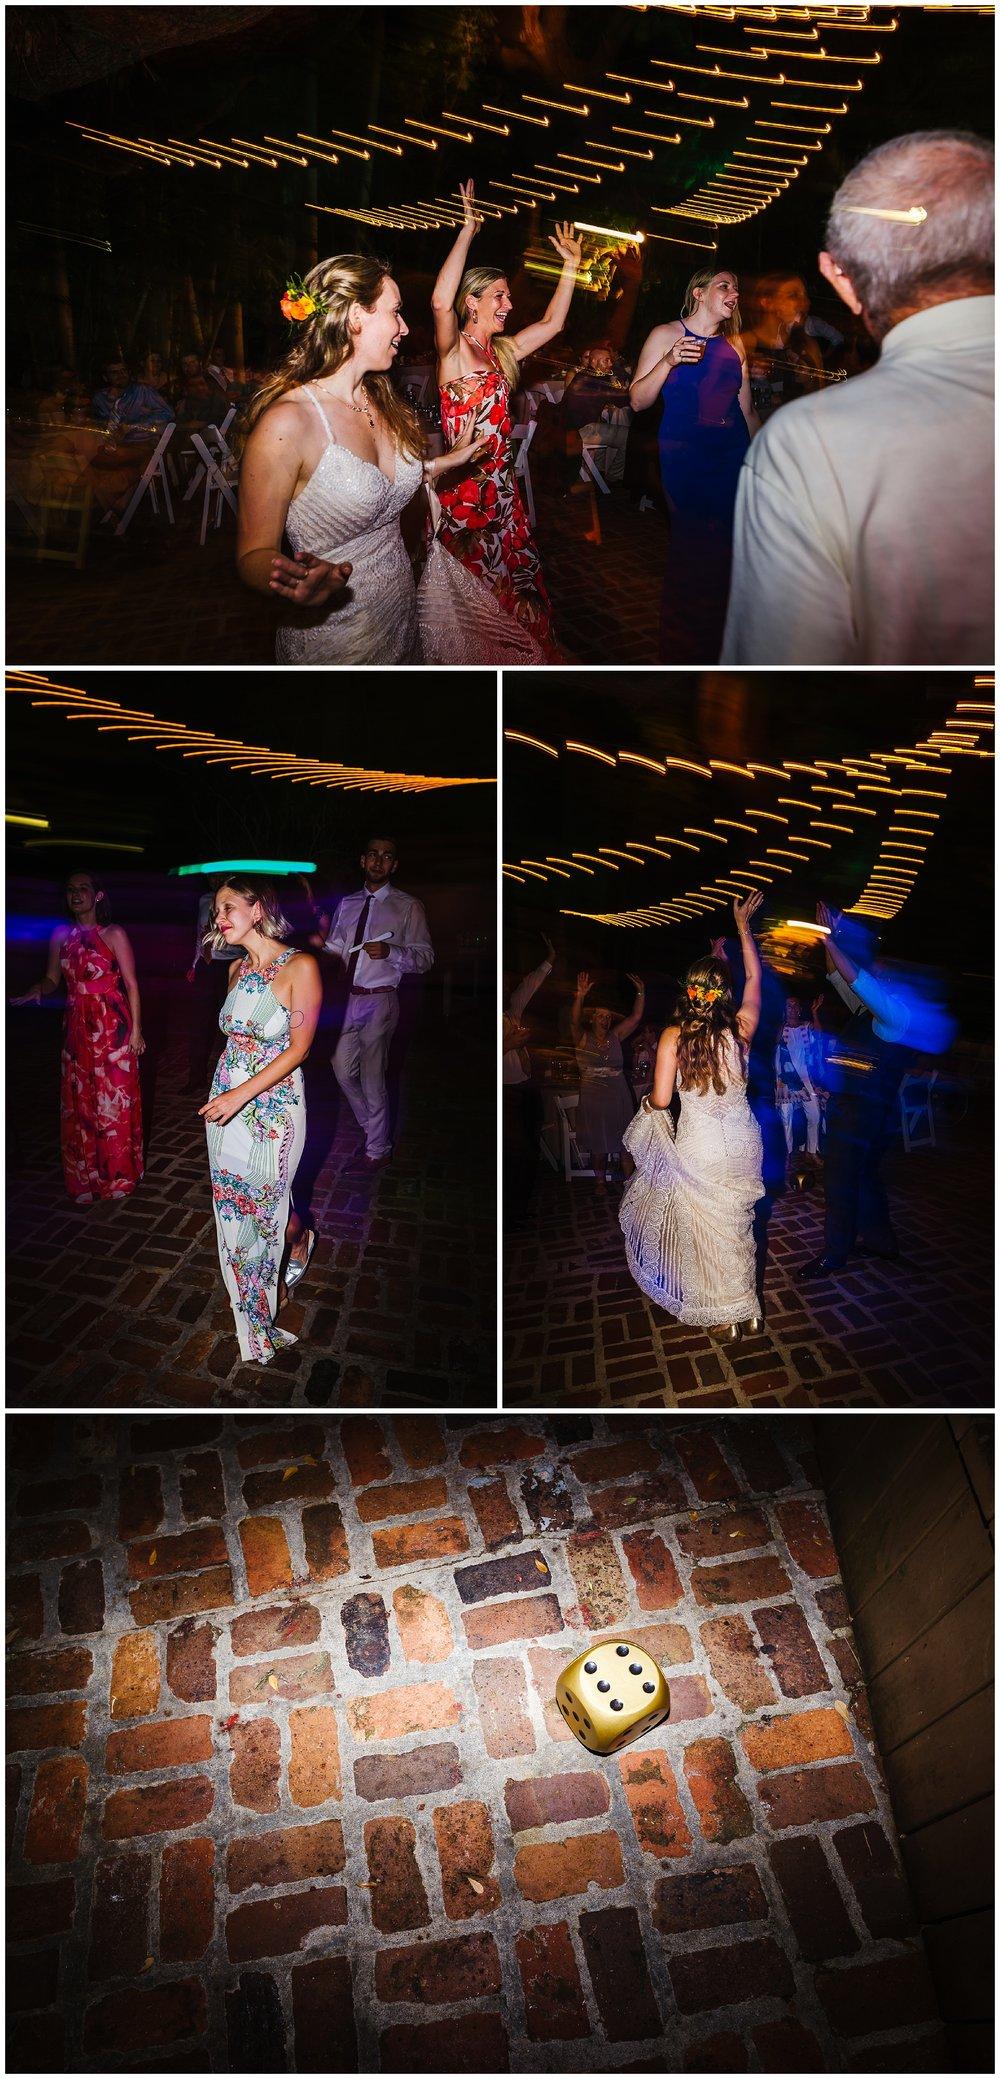 st-pete-wedding-photographer-post-card-inn-sunken-gardens-hawaiian-theme-dueling-pianos_0054.jpg